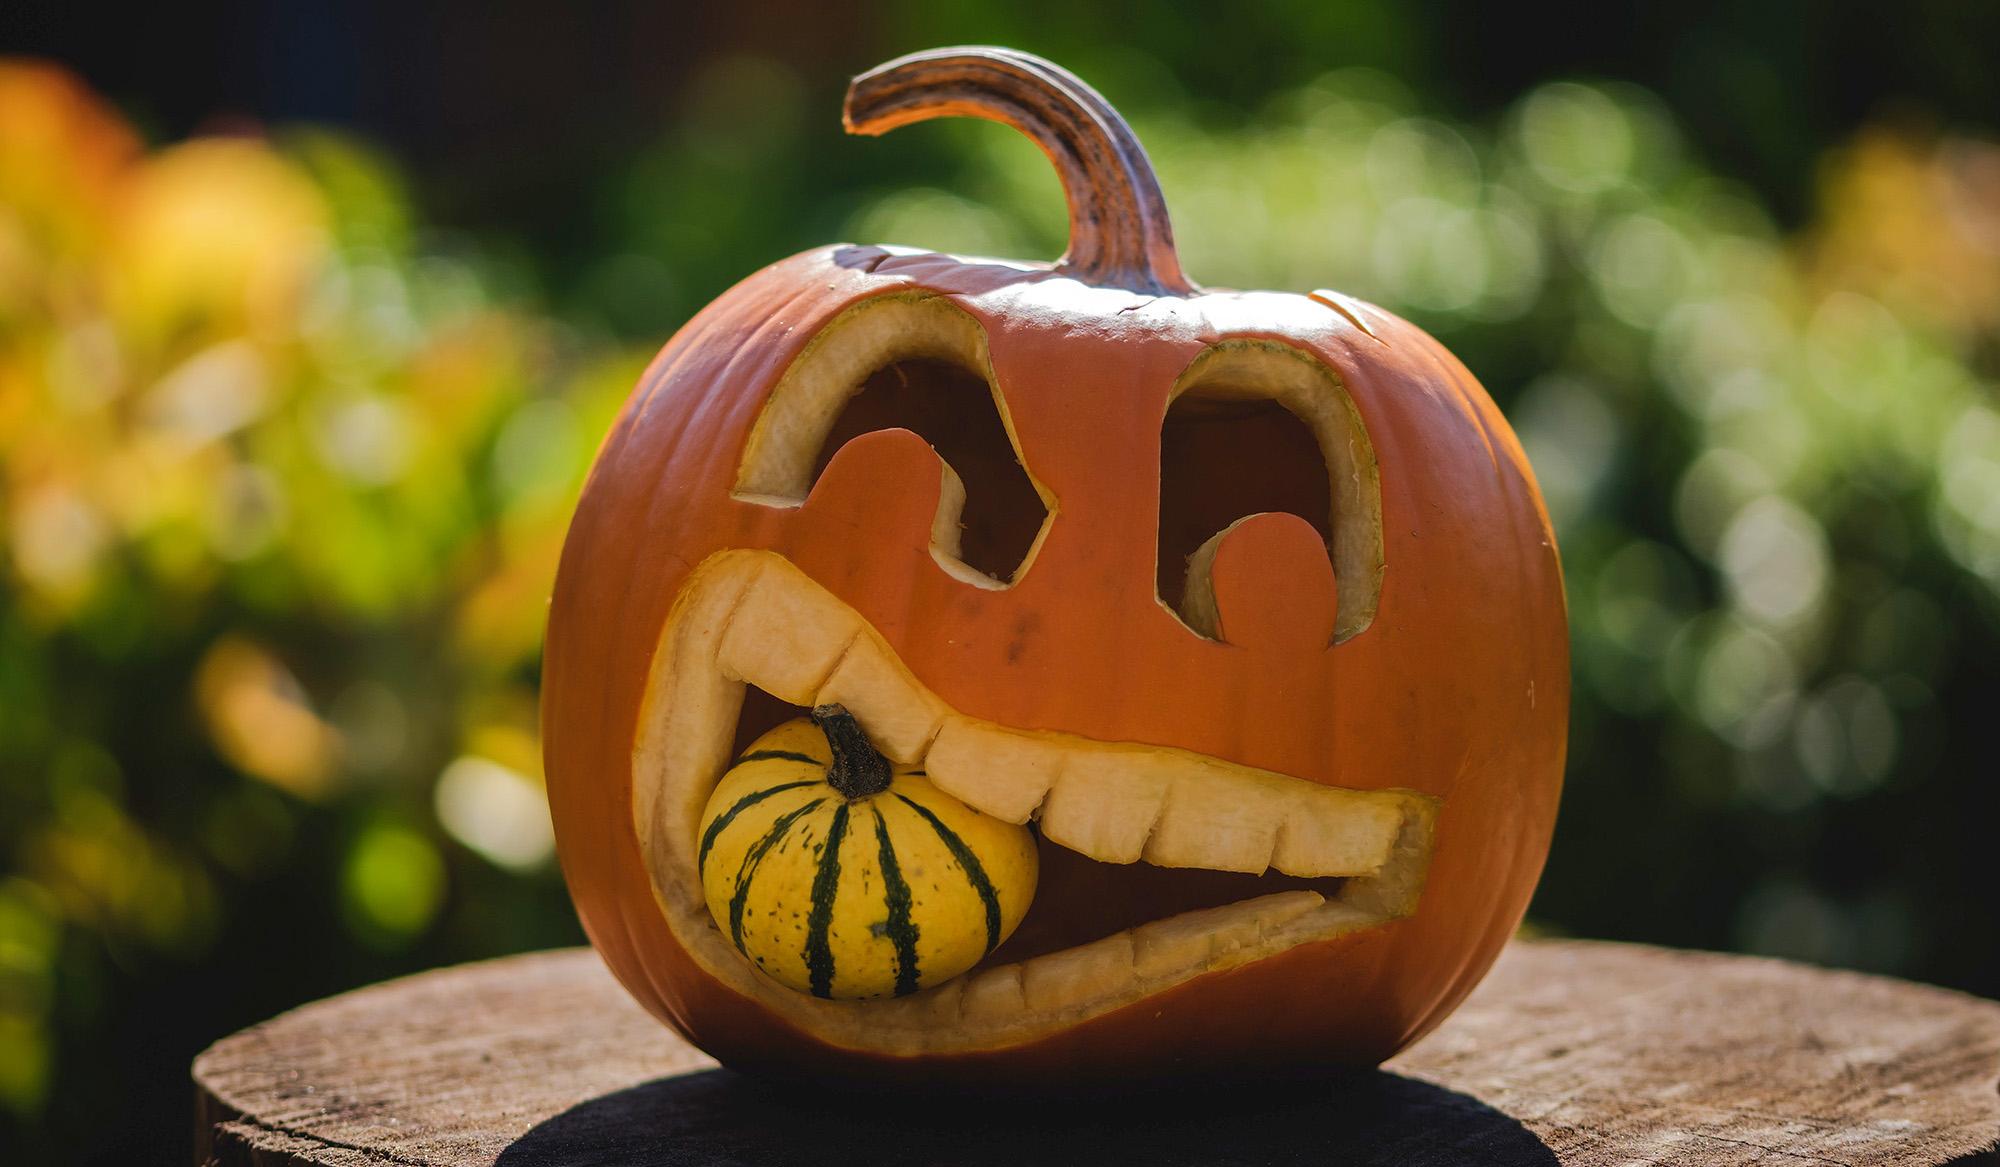 eating_pumpkin2